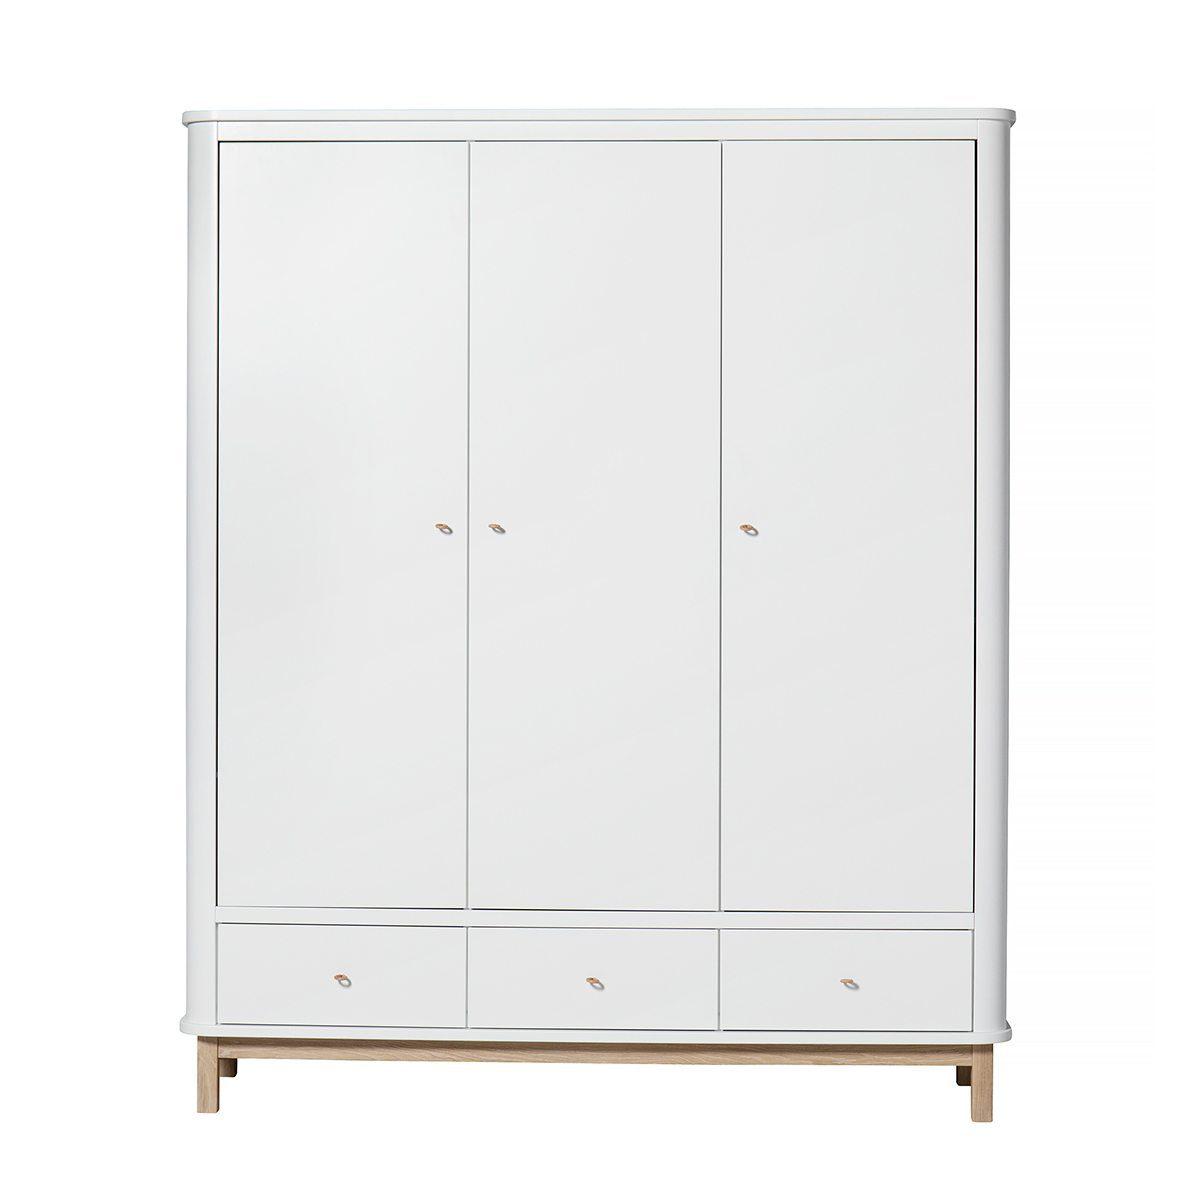 Oliver Furniture – Wood Kinderkledingkast 3 deuren – Wit/Eikenhout